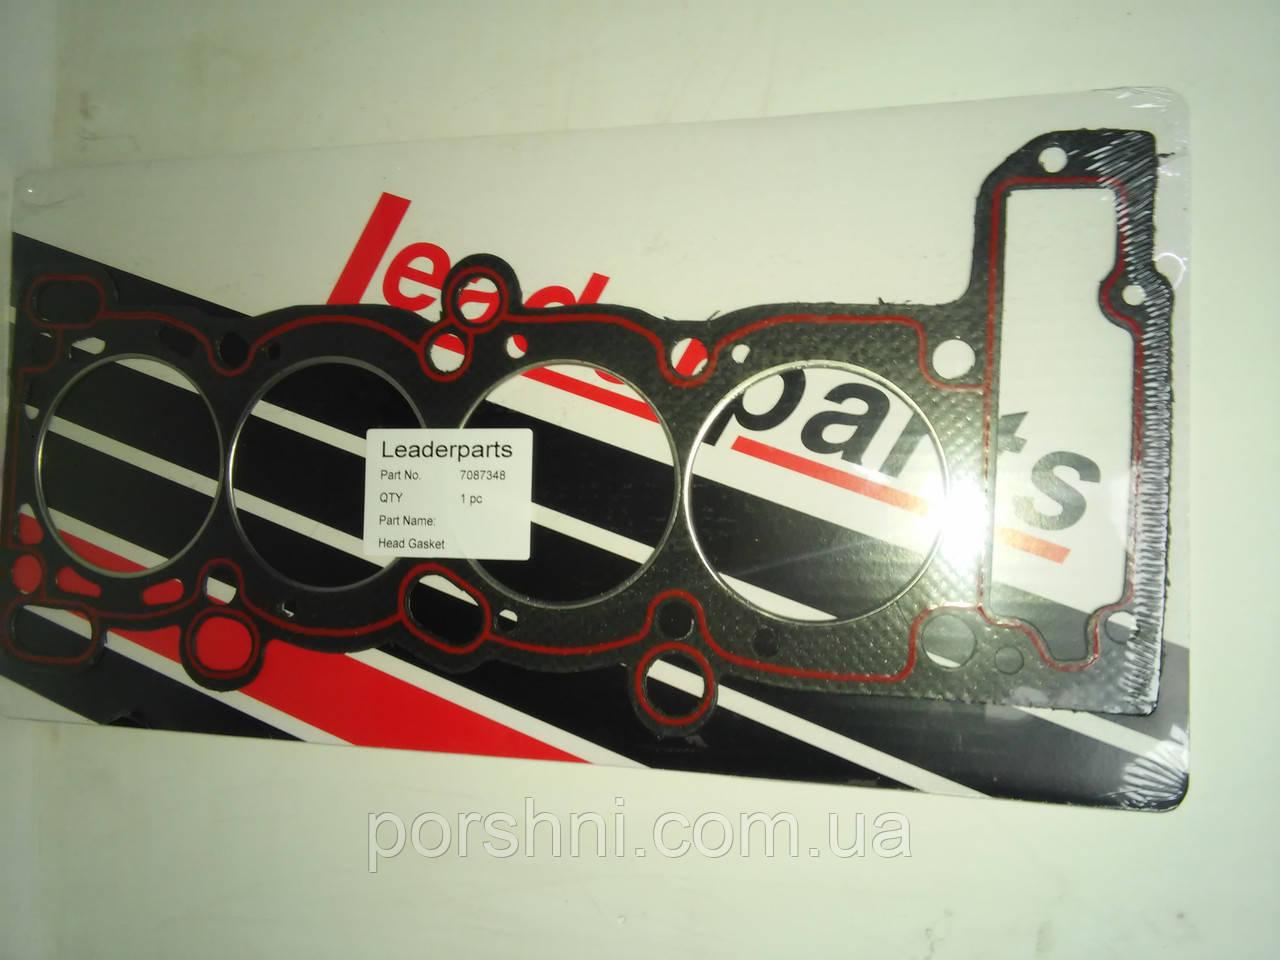 Прокладка  головки Форд Сиера  2.0  ДОНС  Leaderparts  7087348